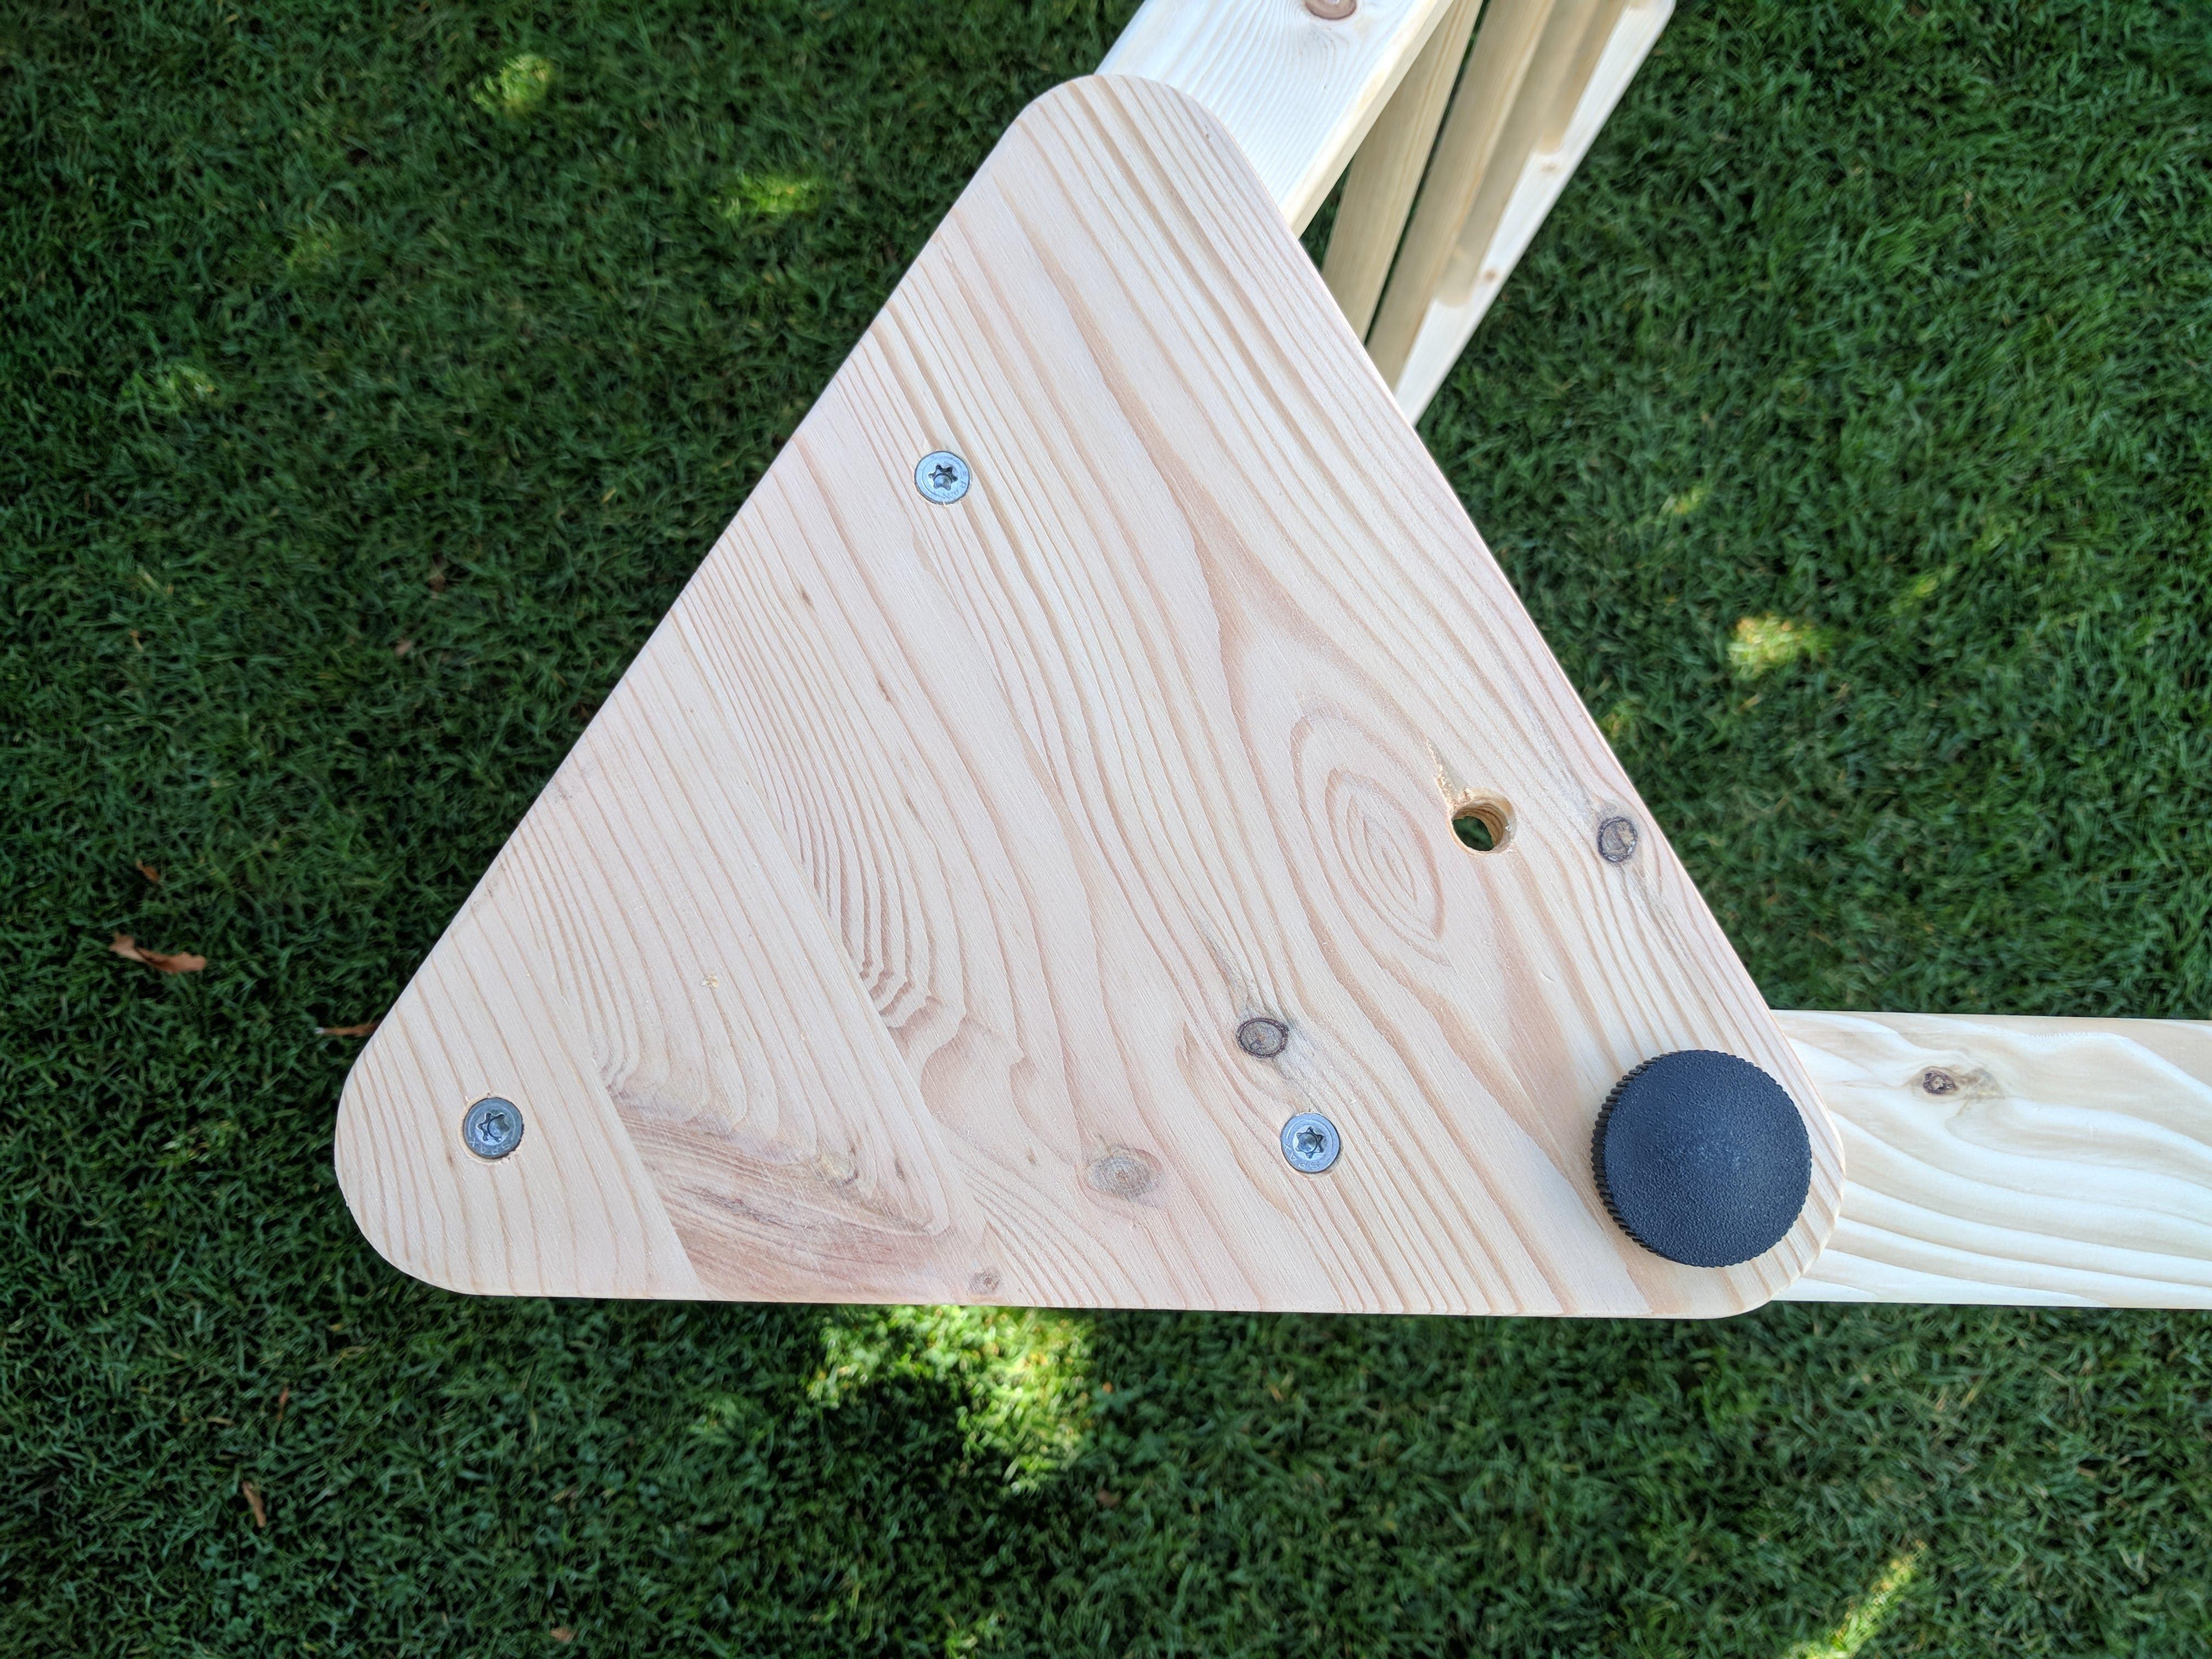 Kletterdreieck Für Kinder : Goldrabe dreiecksständer kletterdreieck